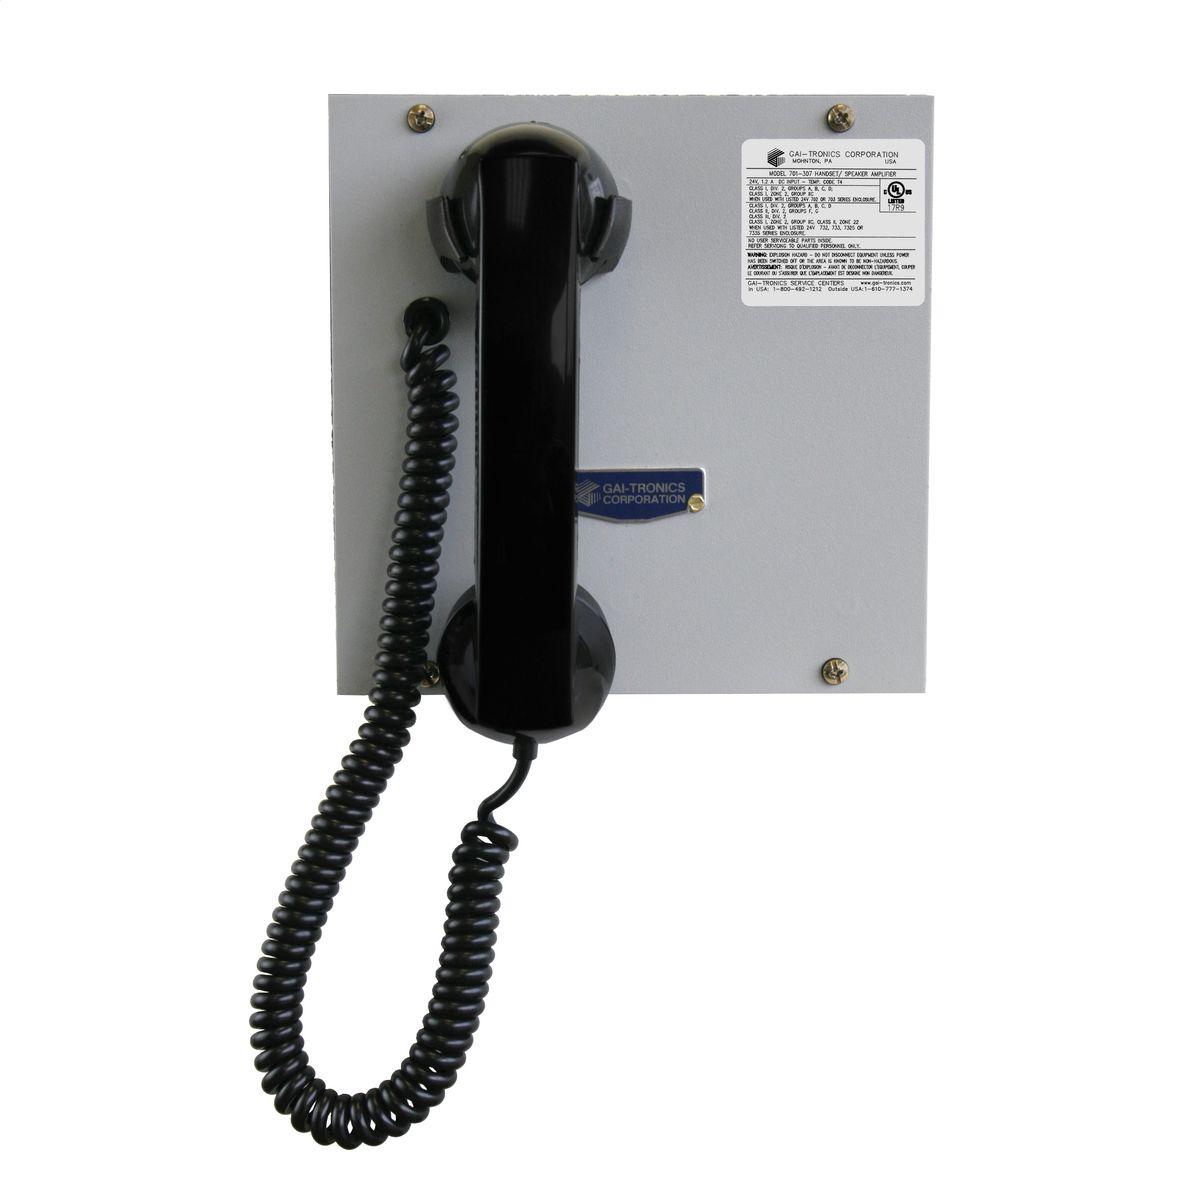 701-307   nd   GAI-Tronics